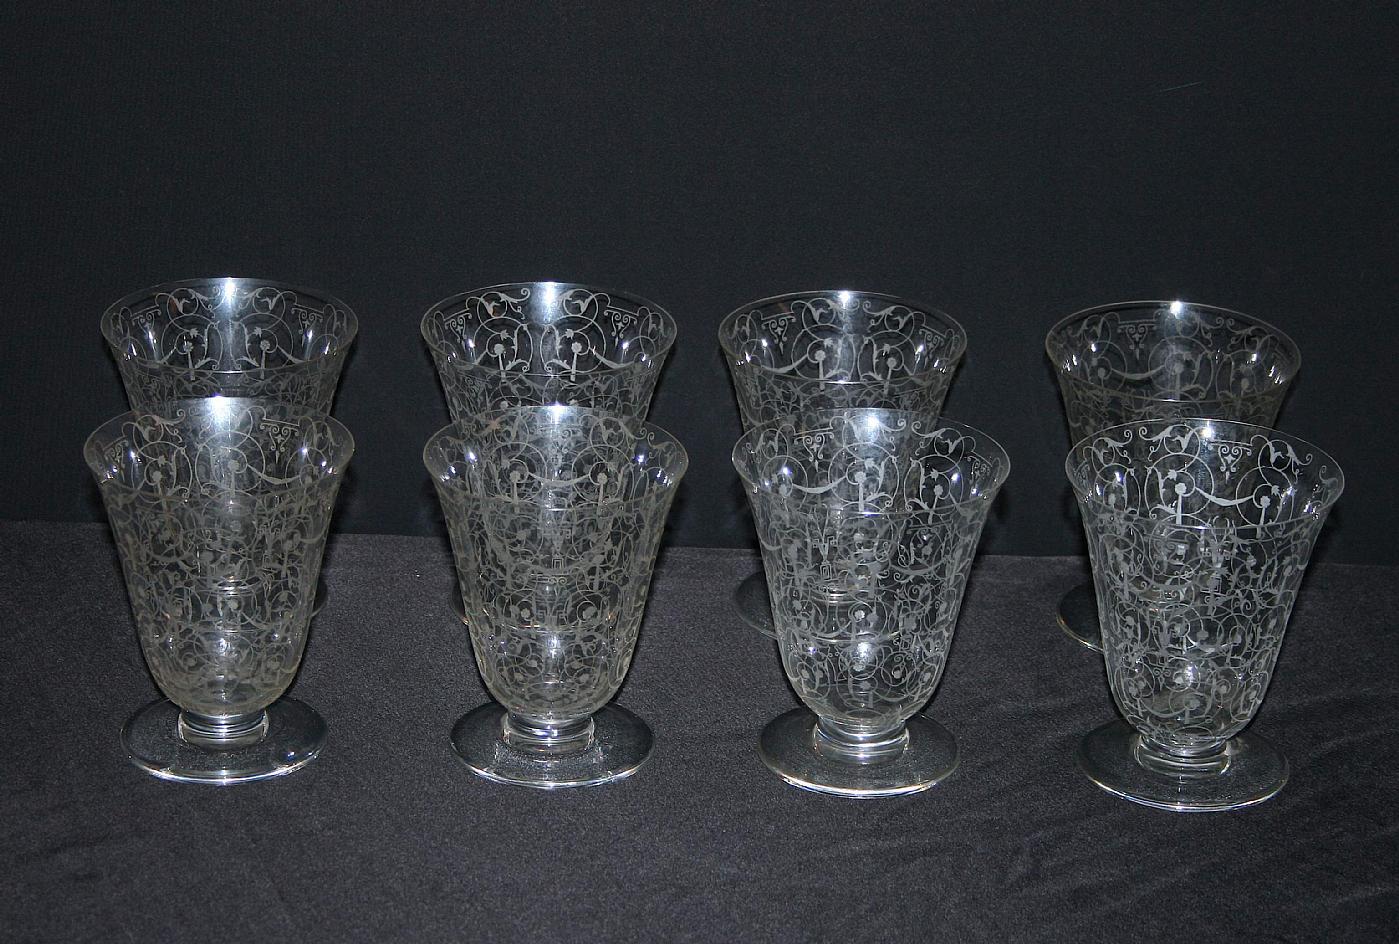 Bicchieri baccarat antichi colonna porta lavatrice for Bicchieri cristallo